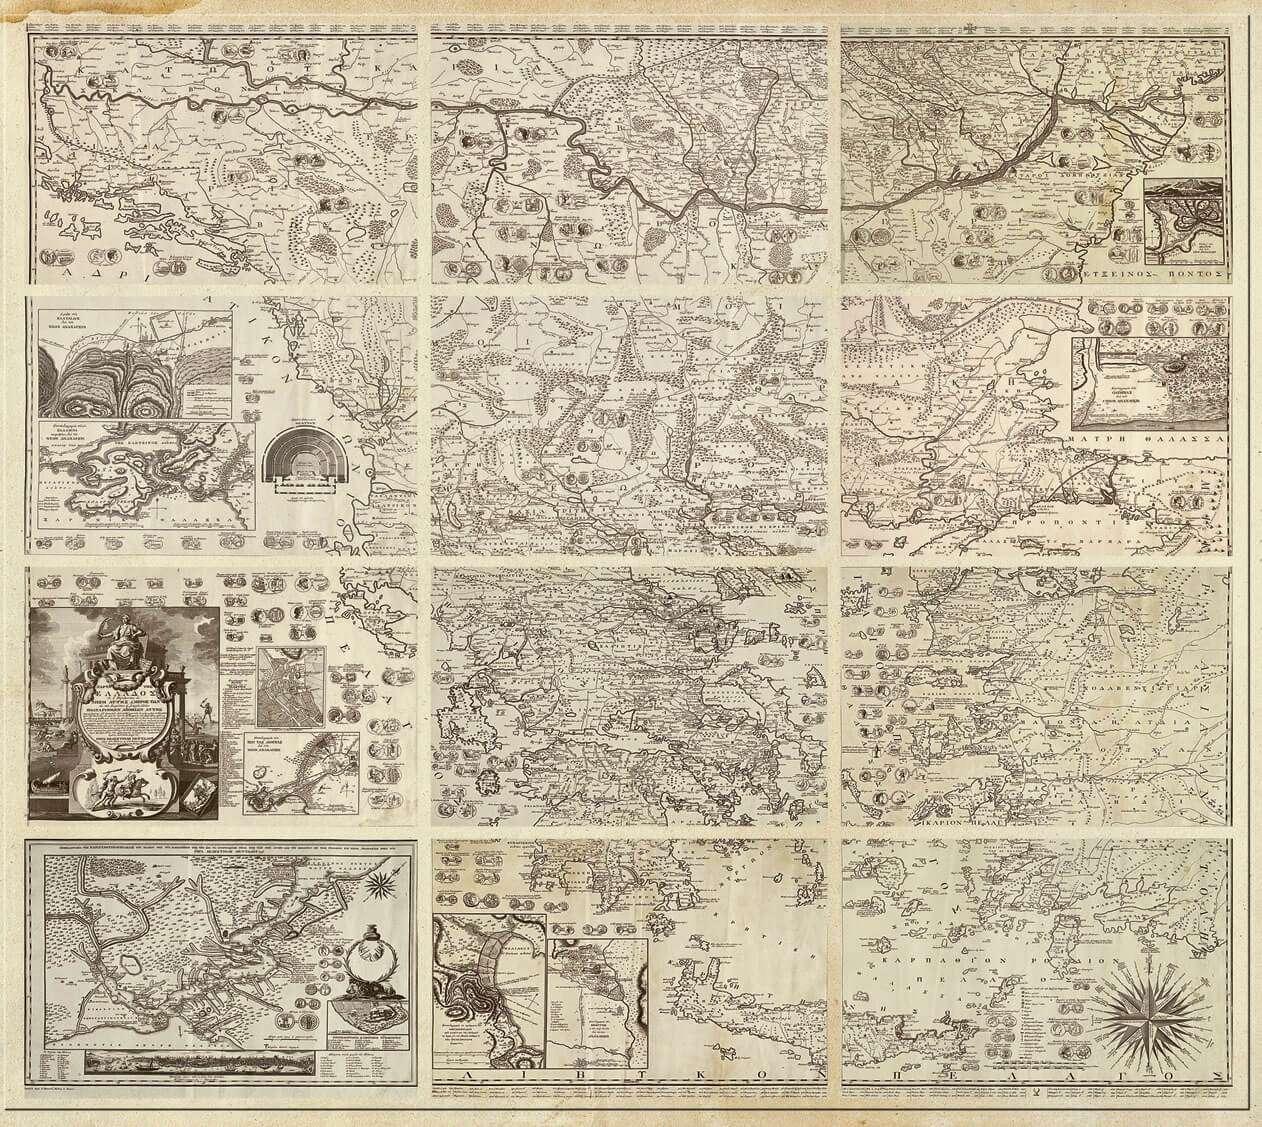 Χάρτα του Ρήγα ή Χάρτα της Ελλάδος